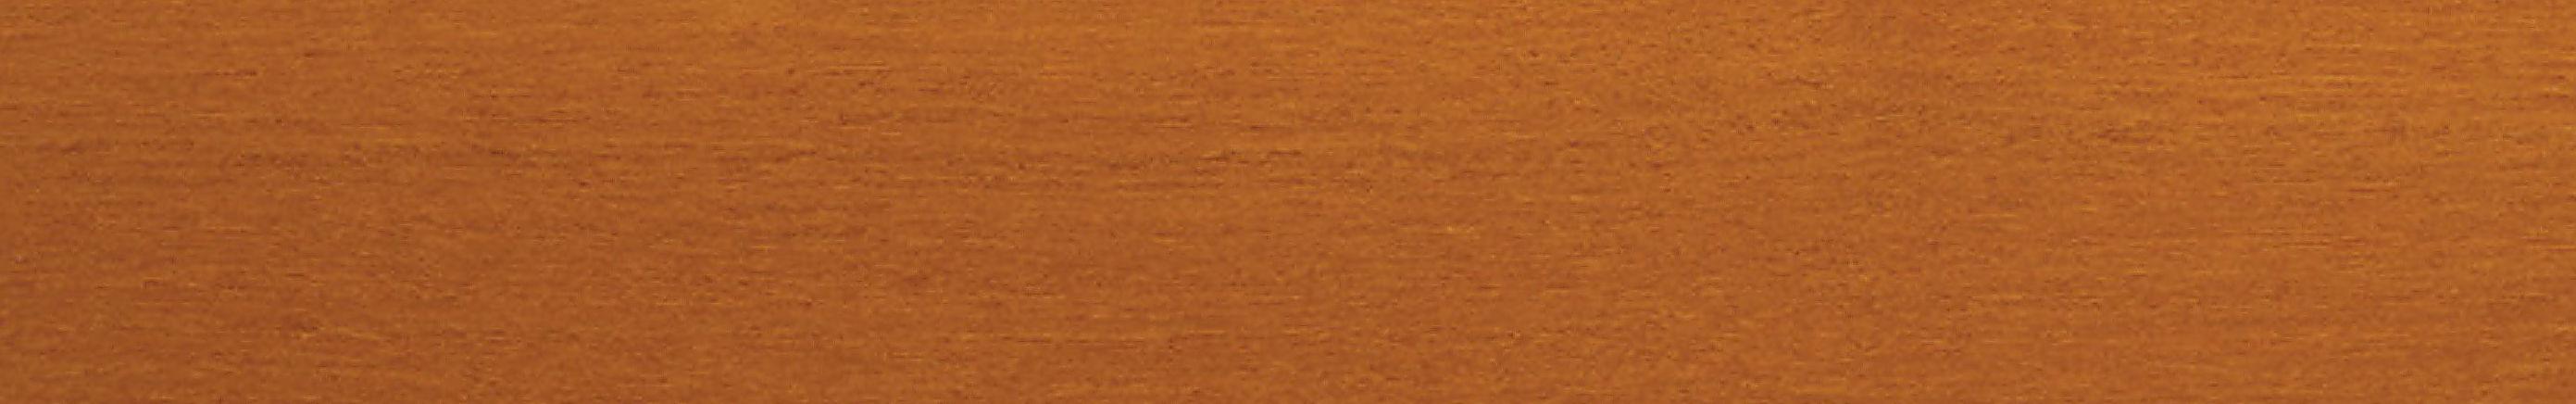 Tarima multicapa flotante IMA gama alta MASSARANDUBA CAOBA 1 lamas Elegance ,suministro España e instalacion Asturias